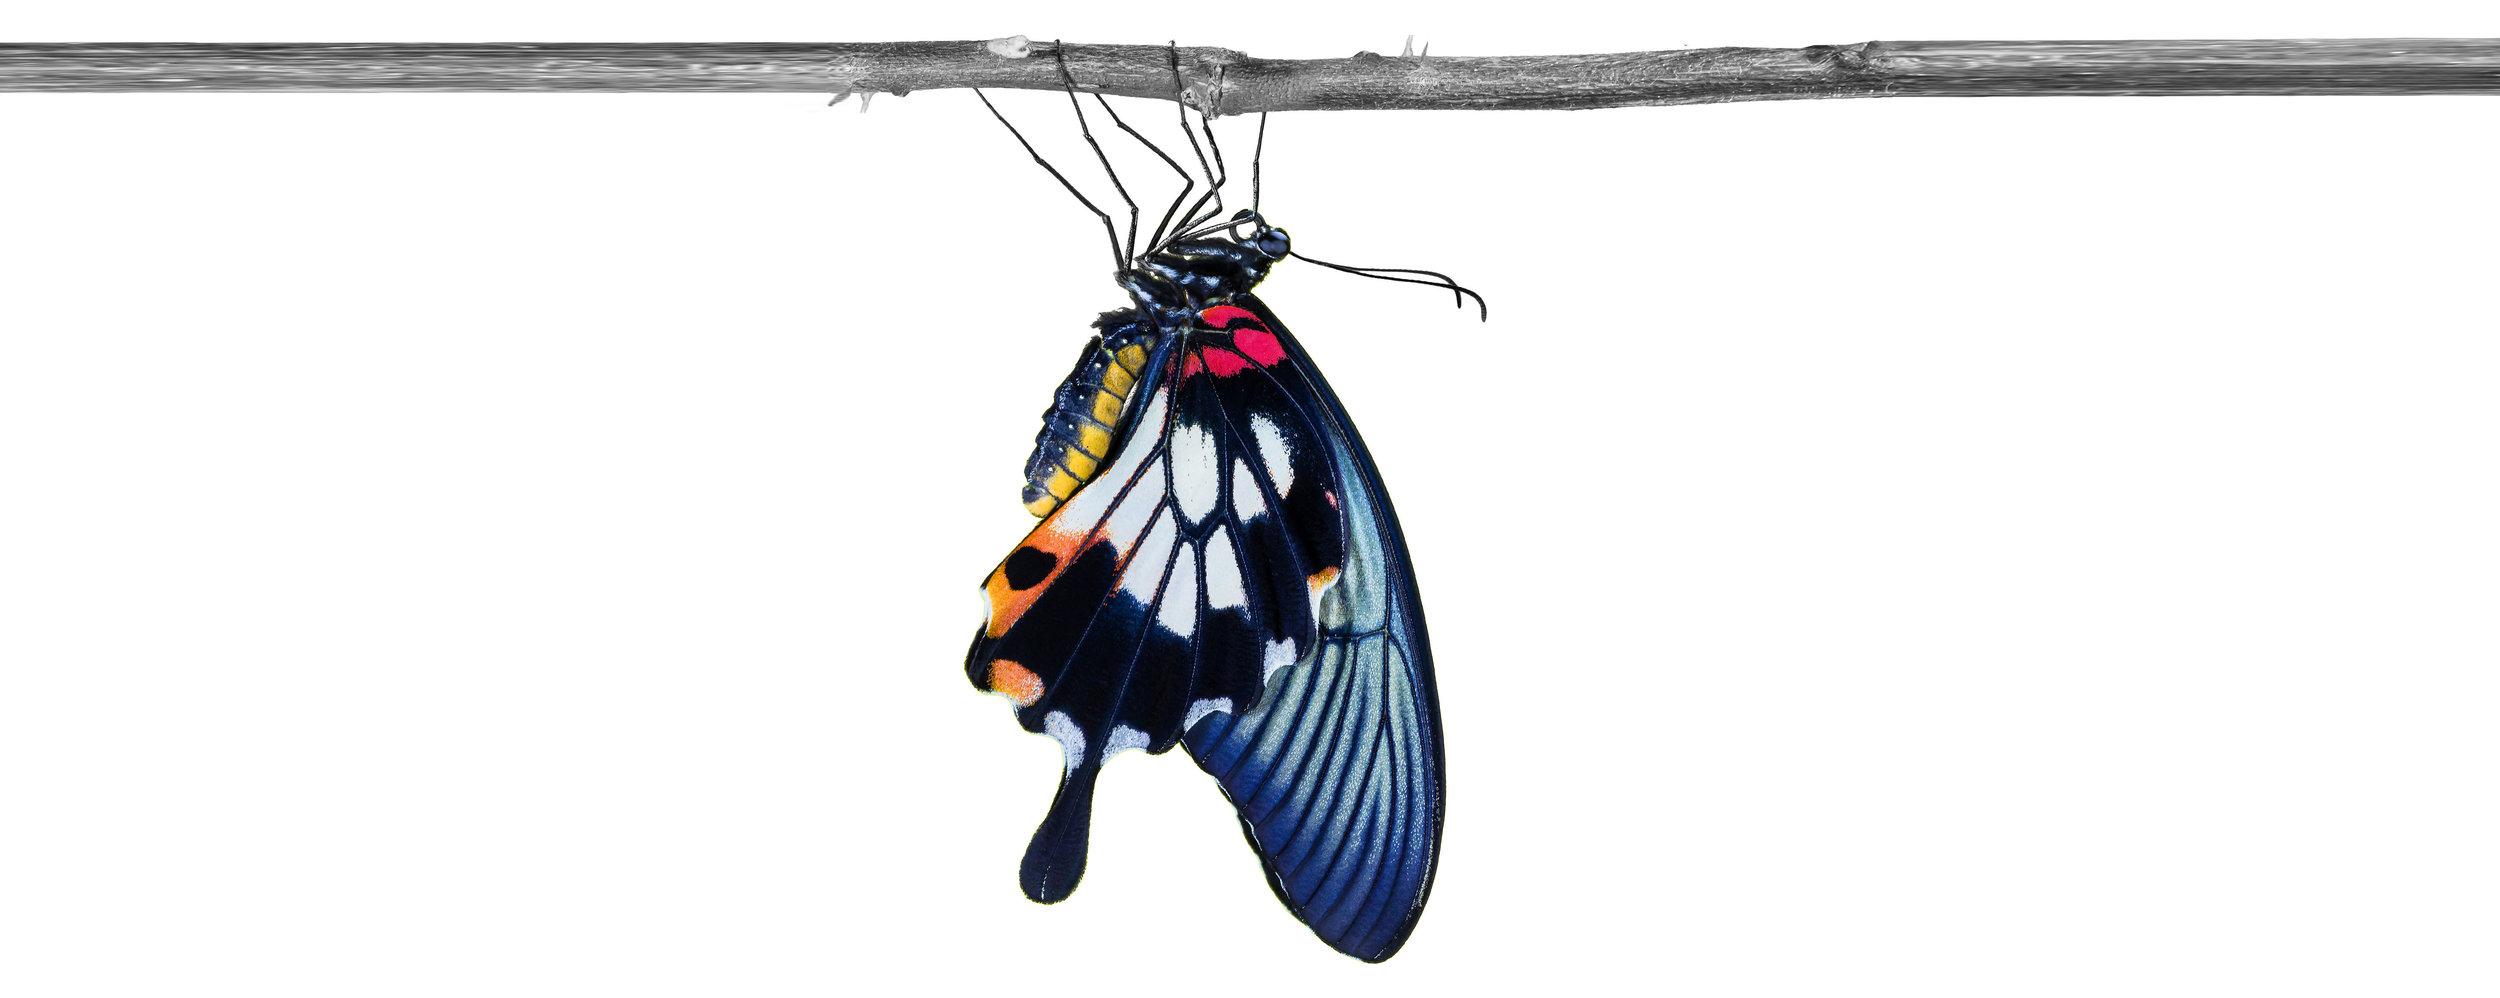 Butterflywithouttextlongerbranchshort.jpg